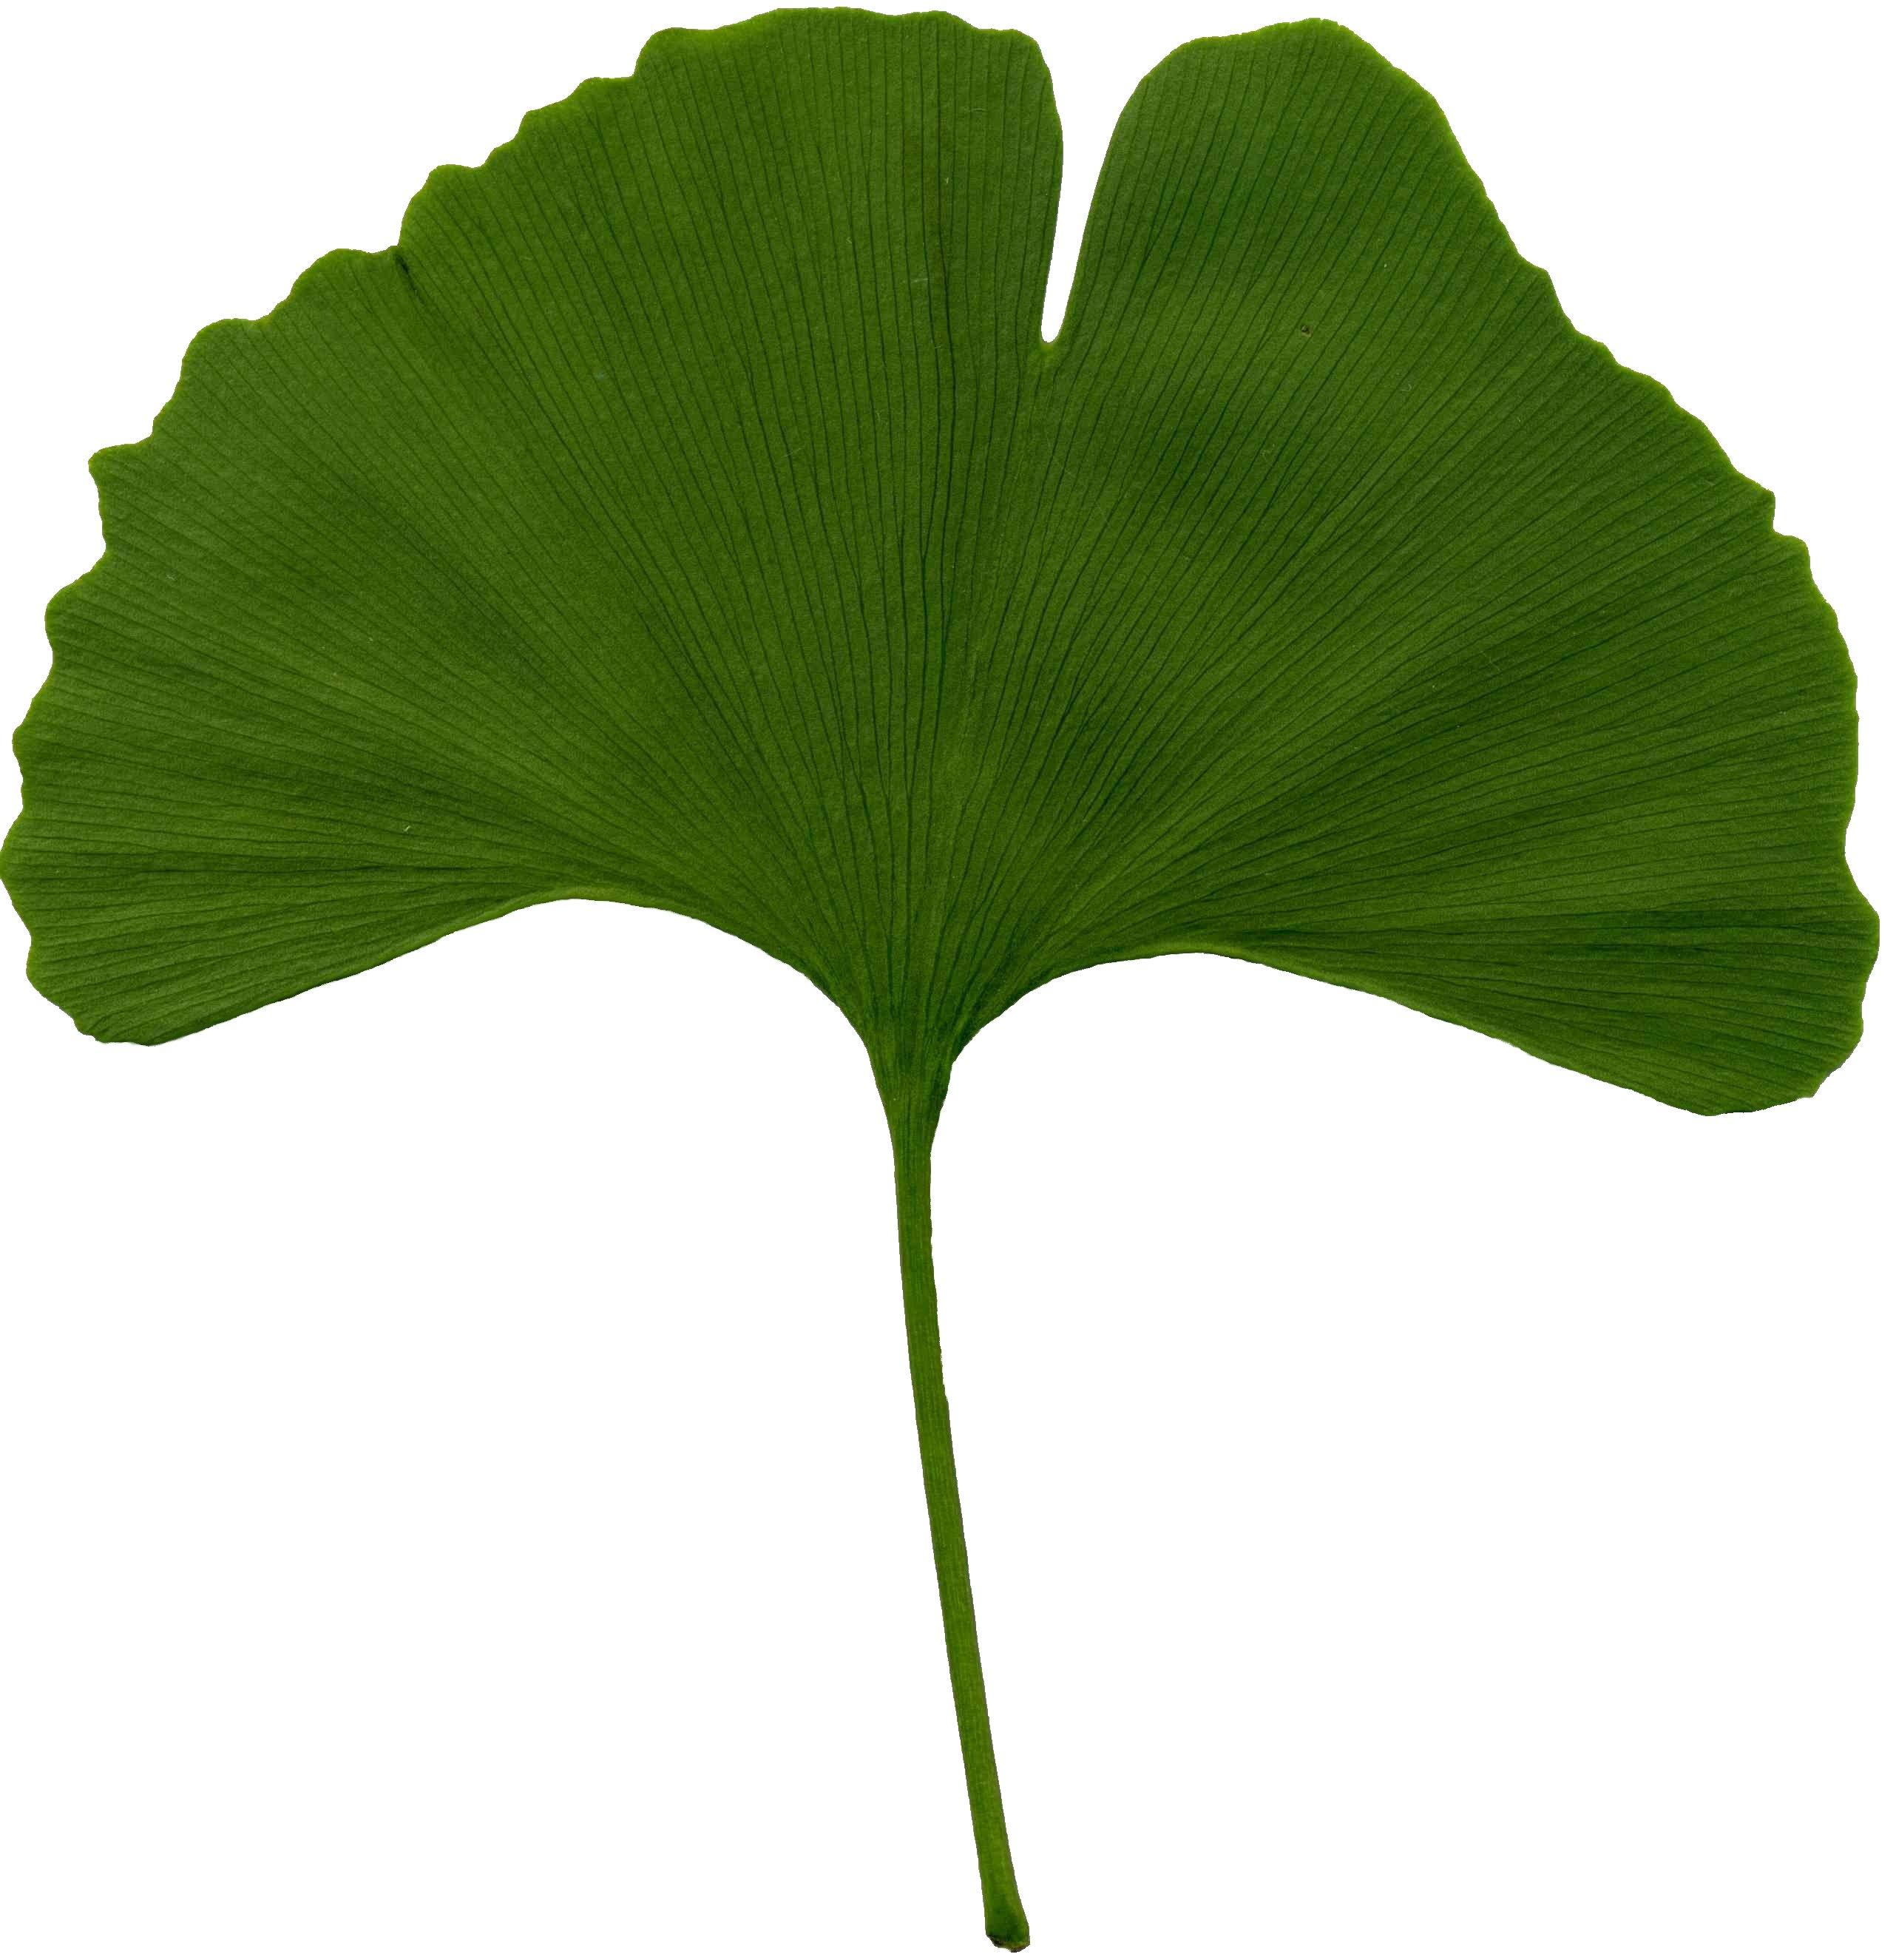 https://i0.wp.com/upload.wikimedia.org/wikipedia/commons/3/32/Ginkgo_biloba_scanned_leaf.jpg